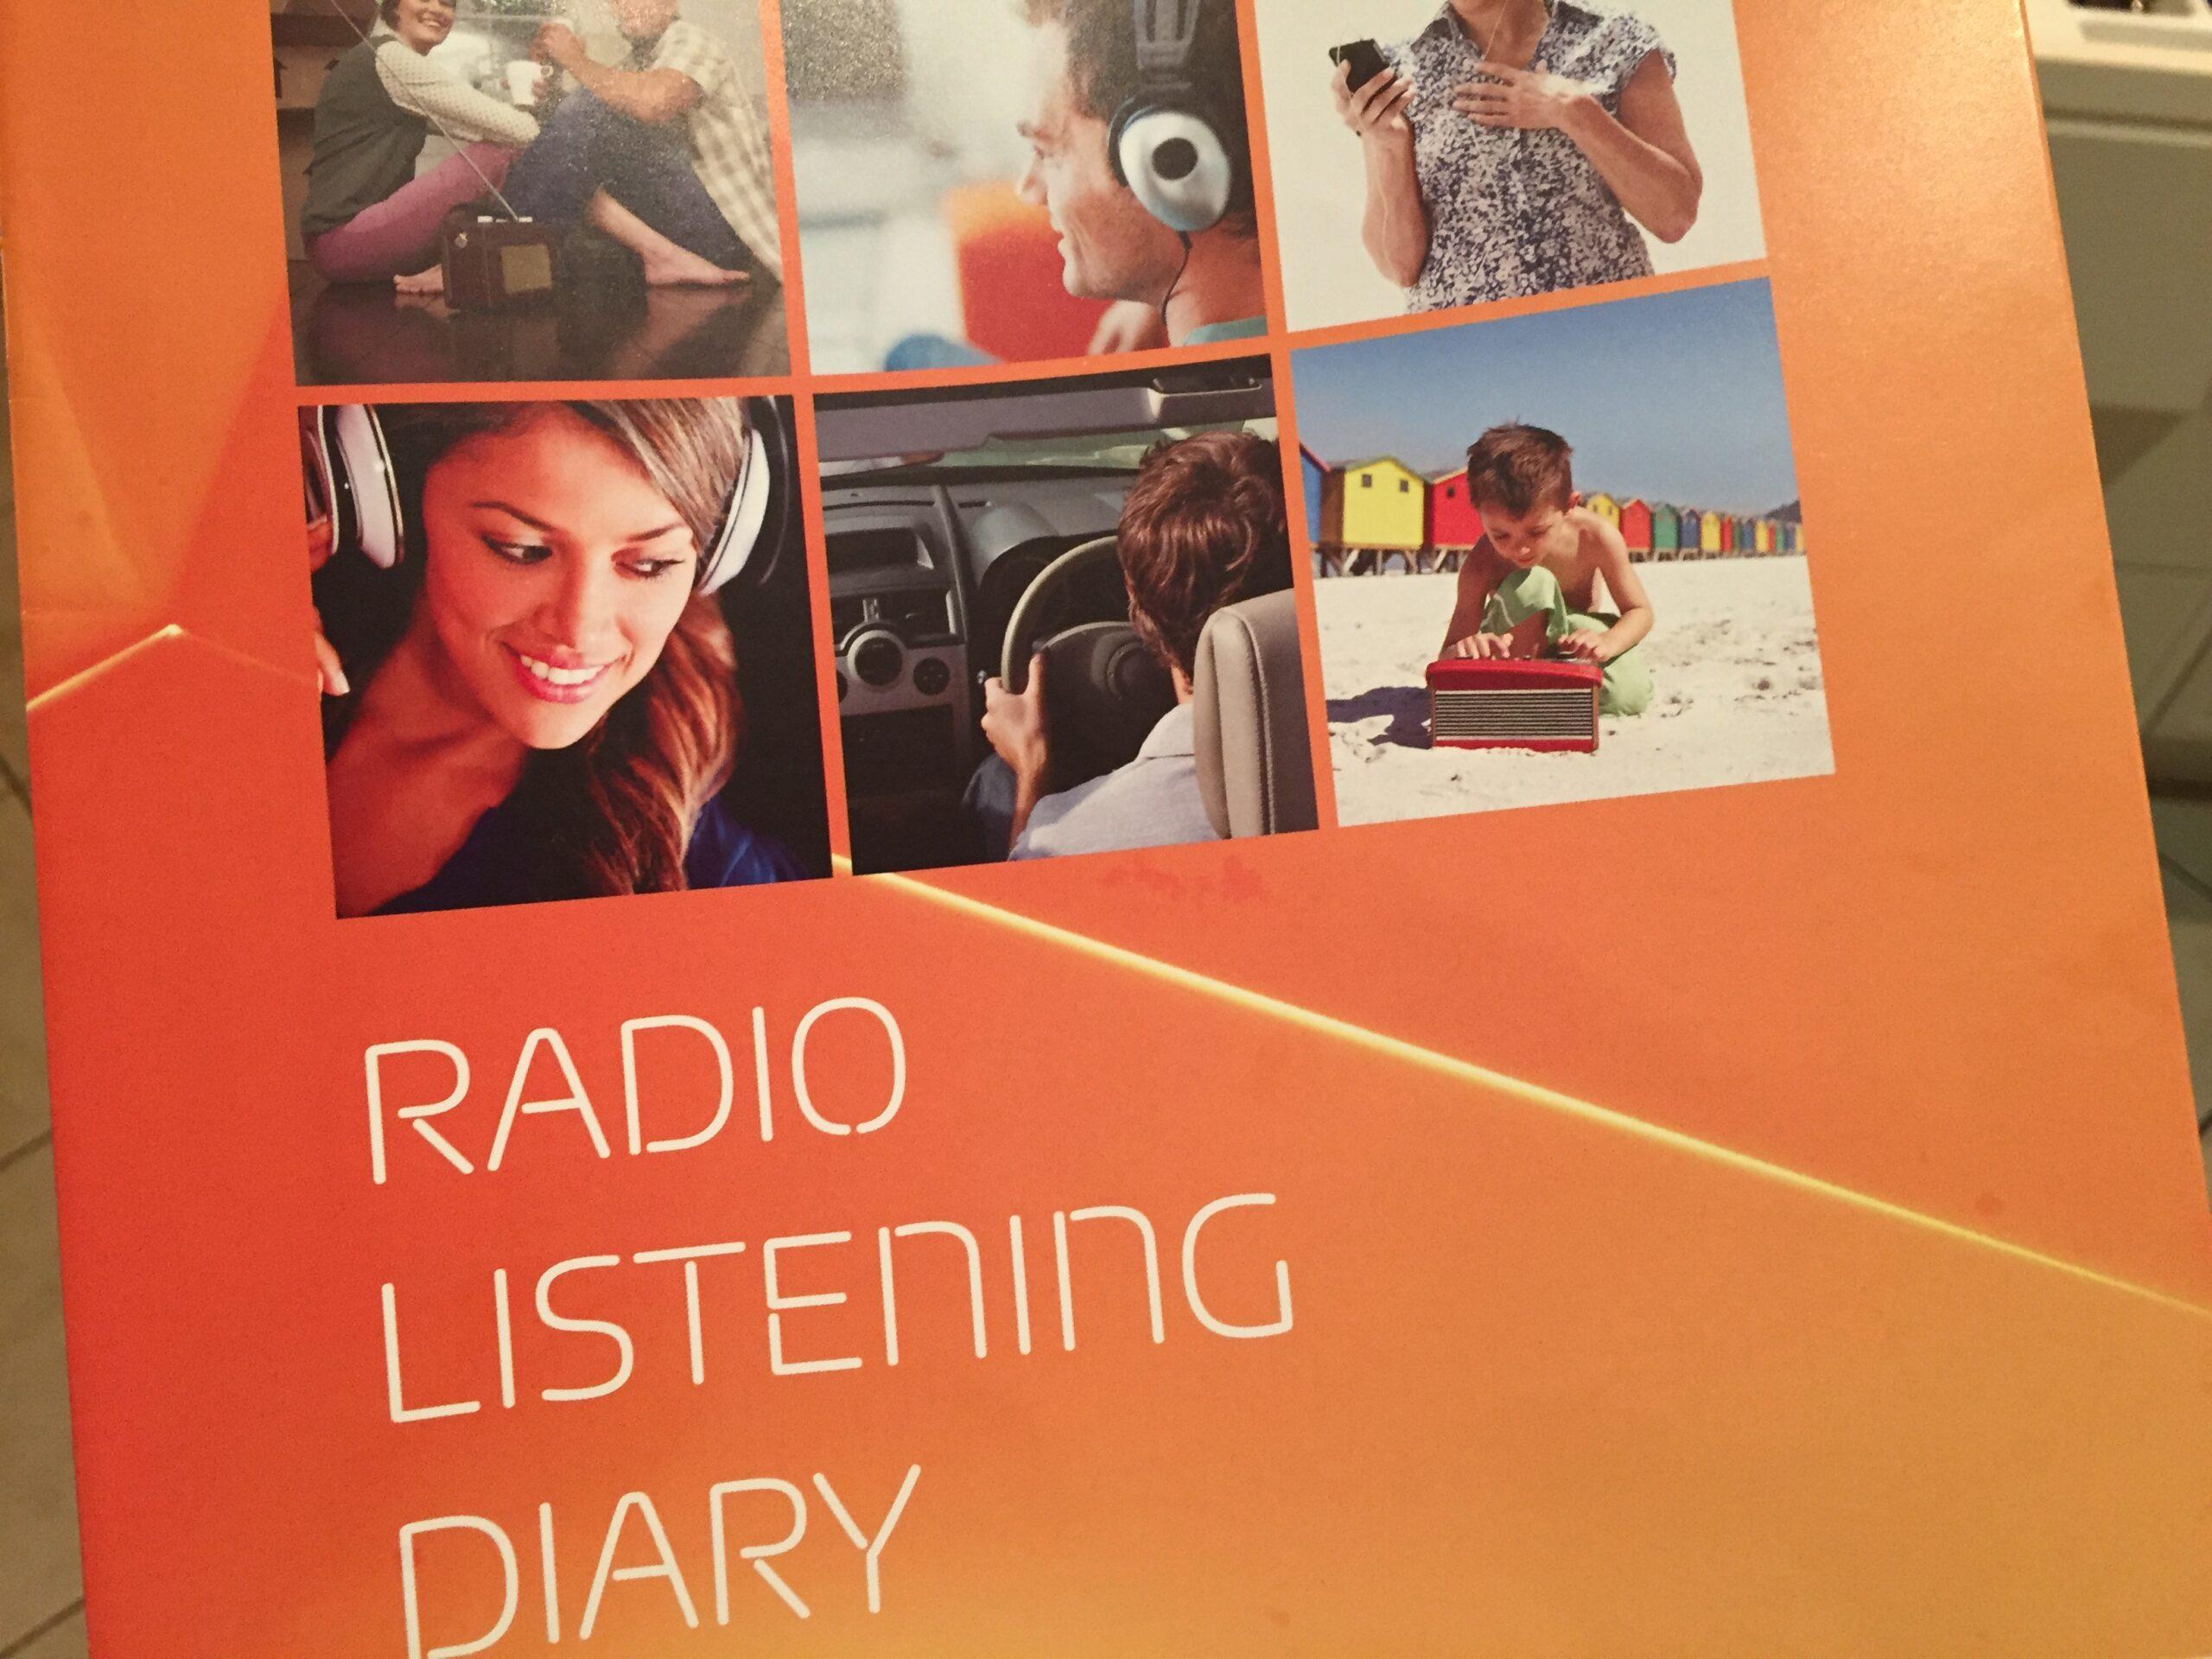 IMG 1740 scaled - Radio. Spegnimento FM: ecco gli studi che dimostrano pro e contro di uno switch-off analogico/digitale